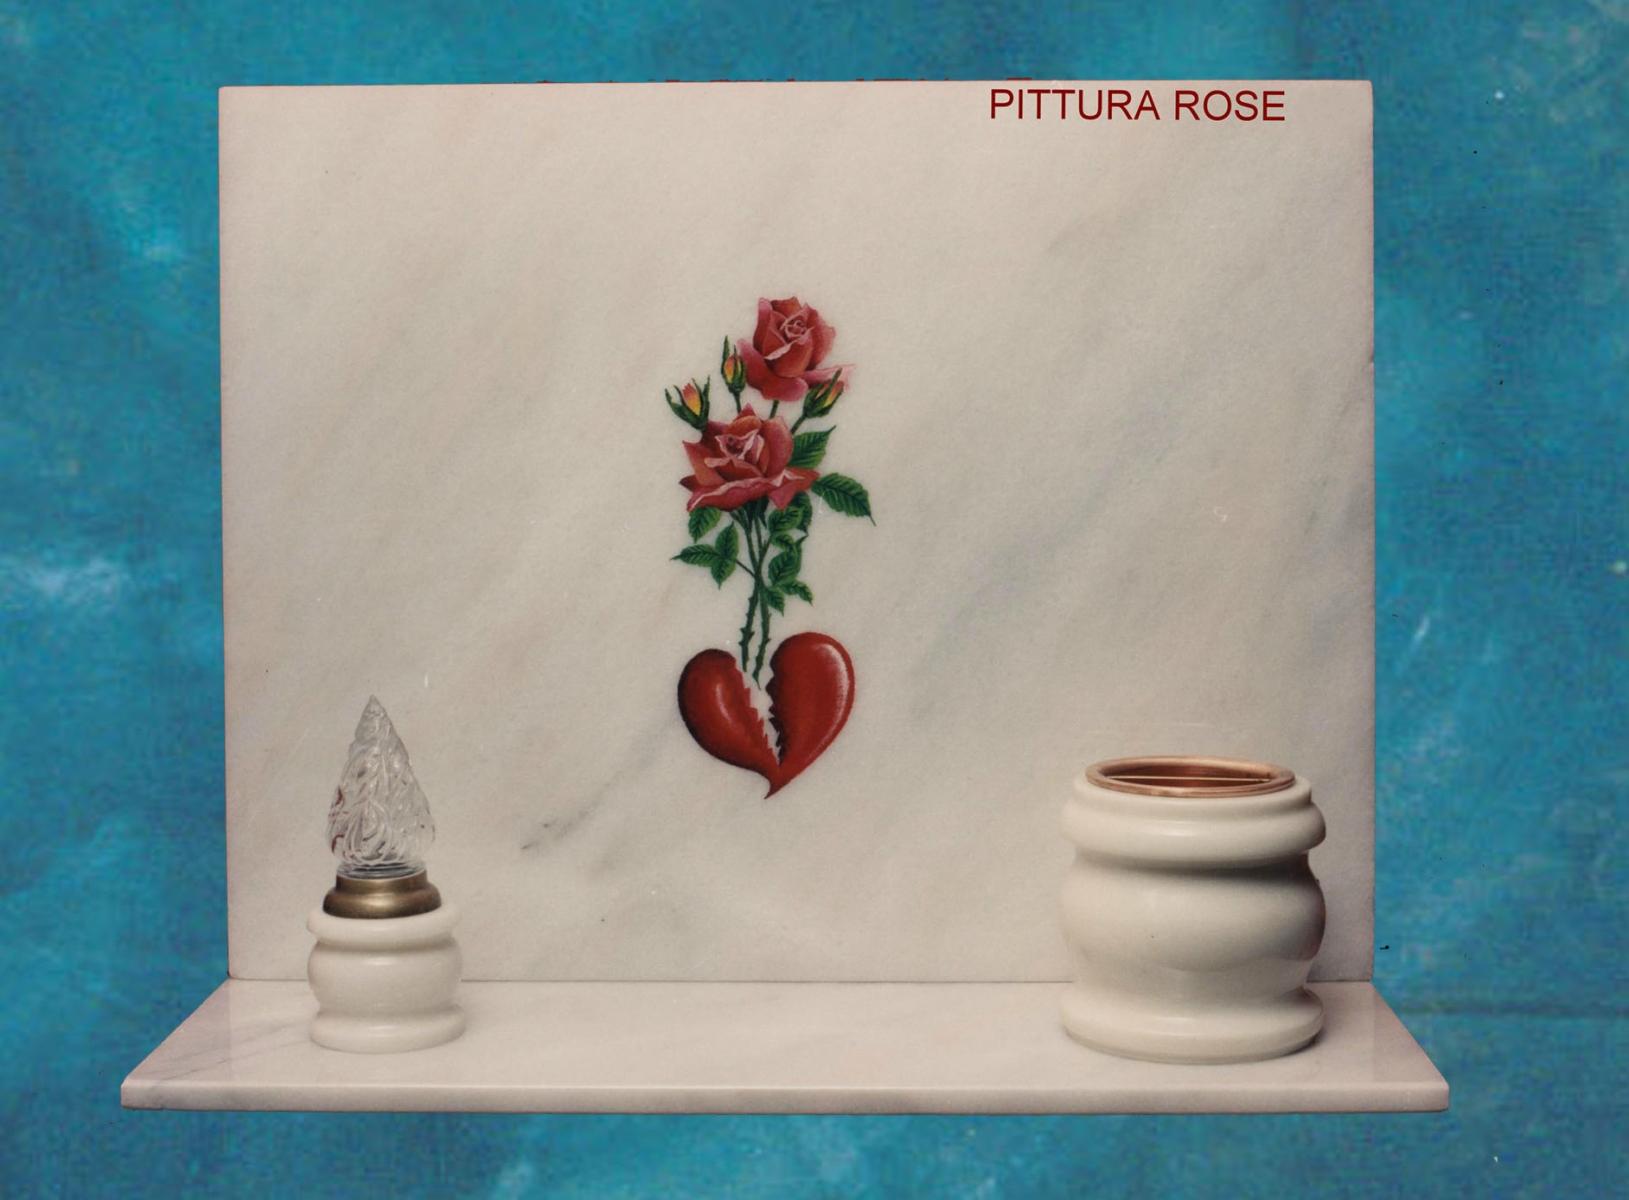 rosè con rose pitturate